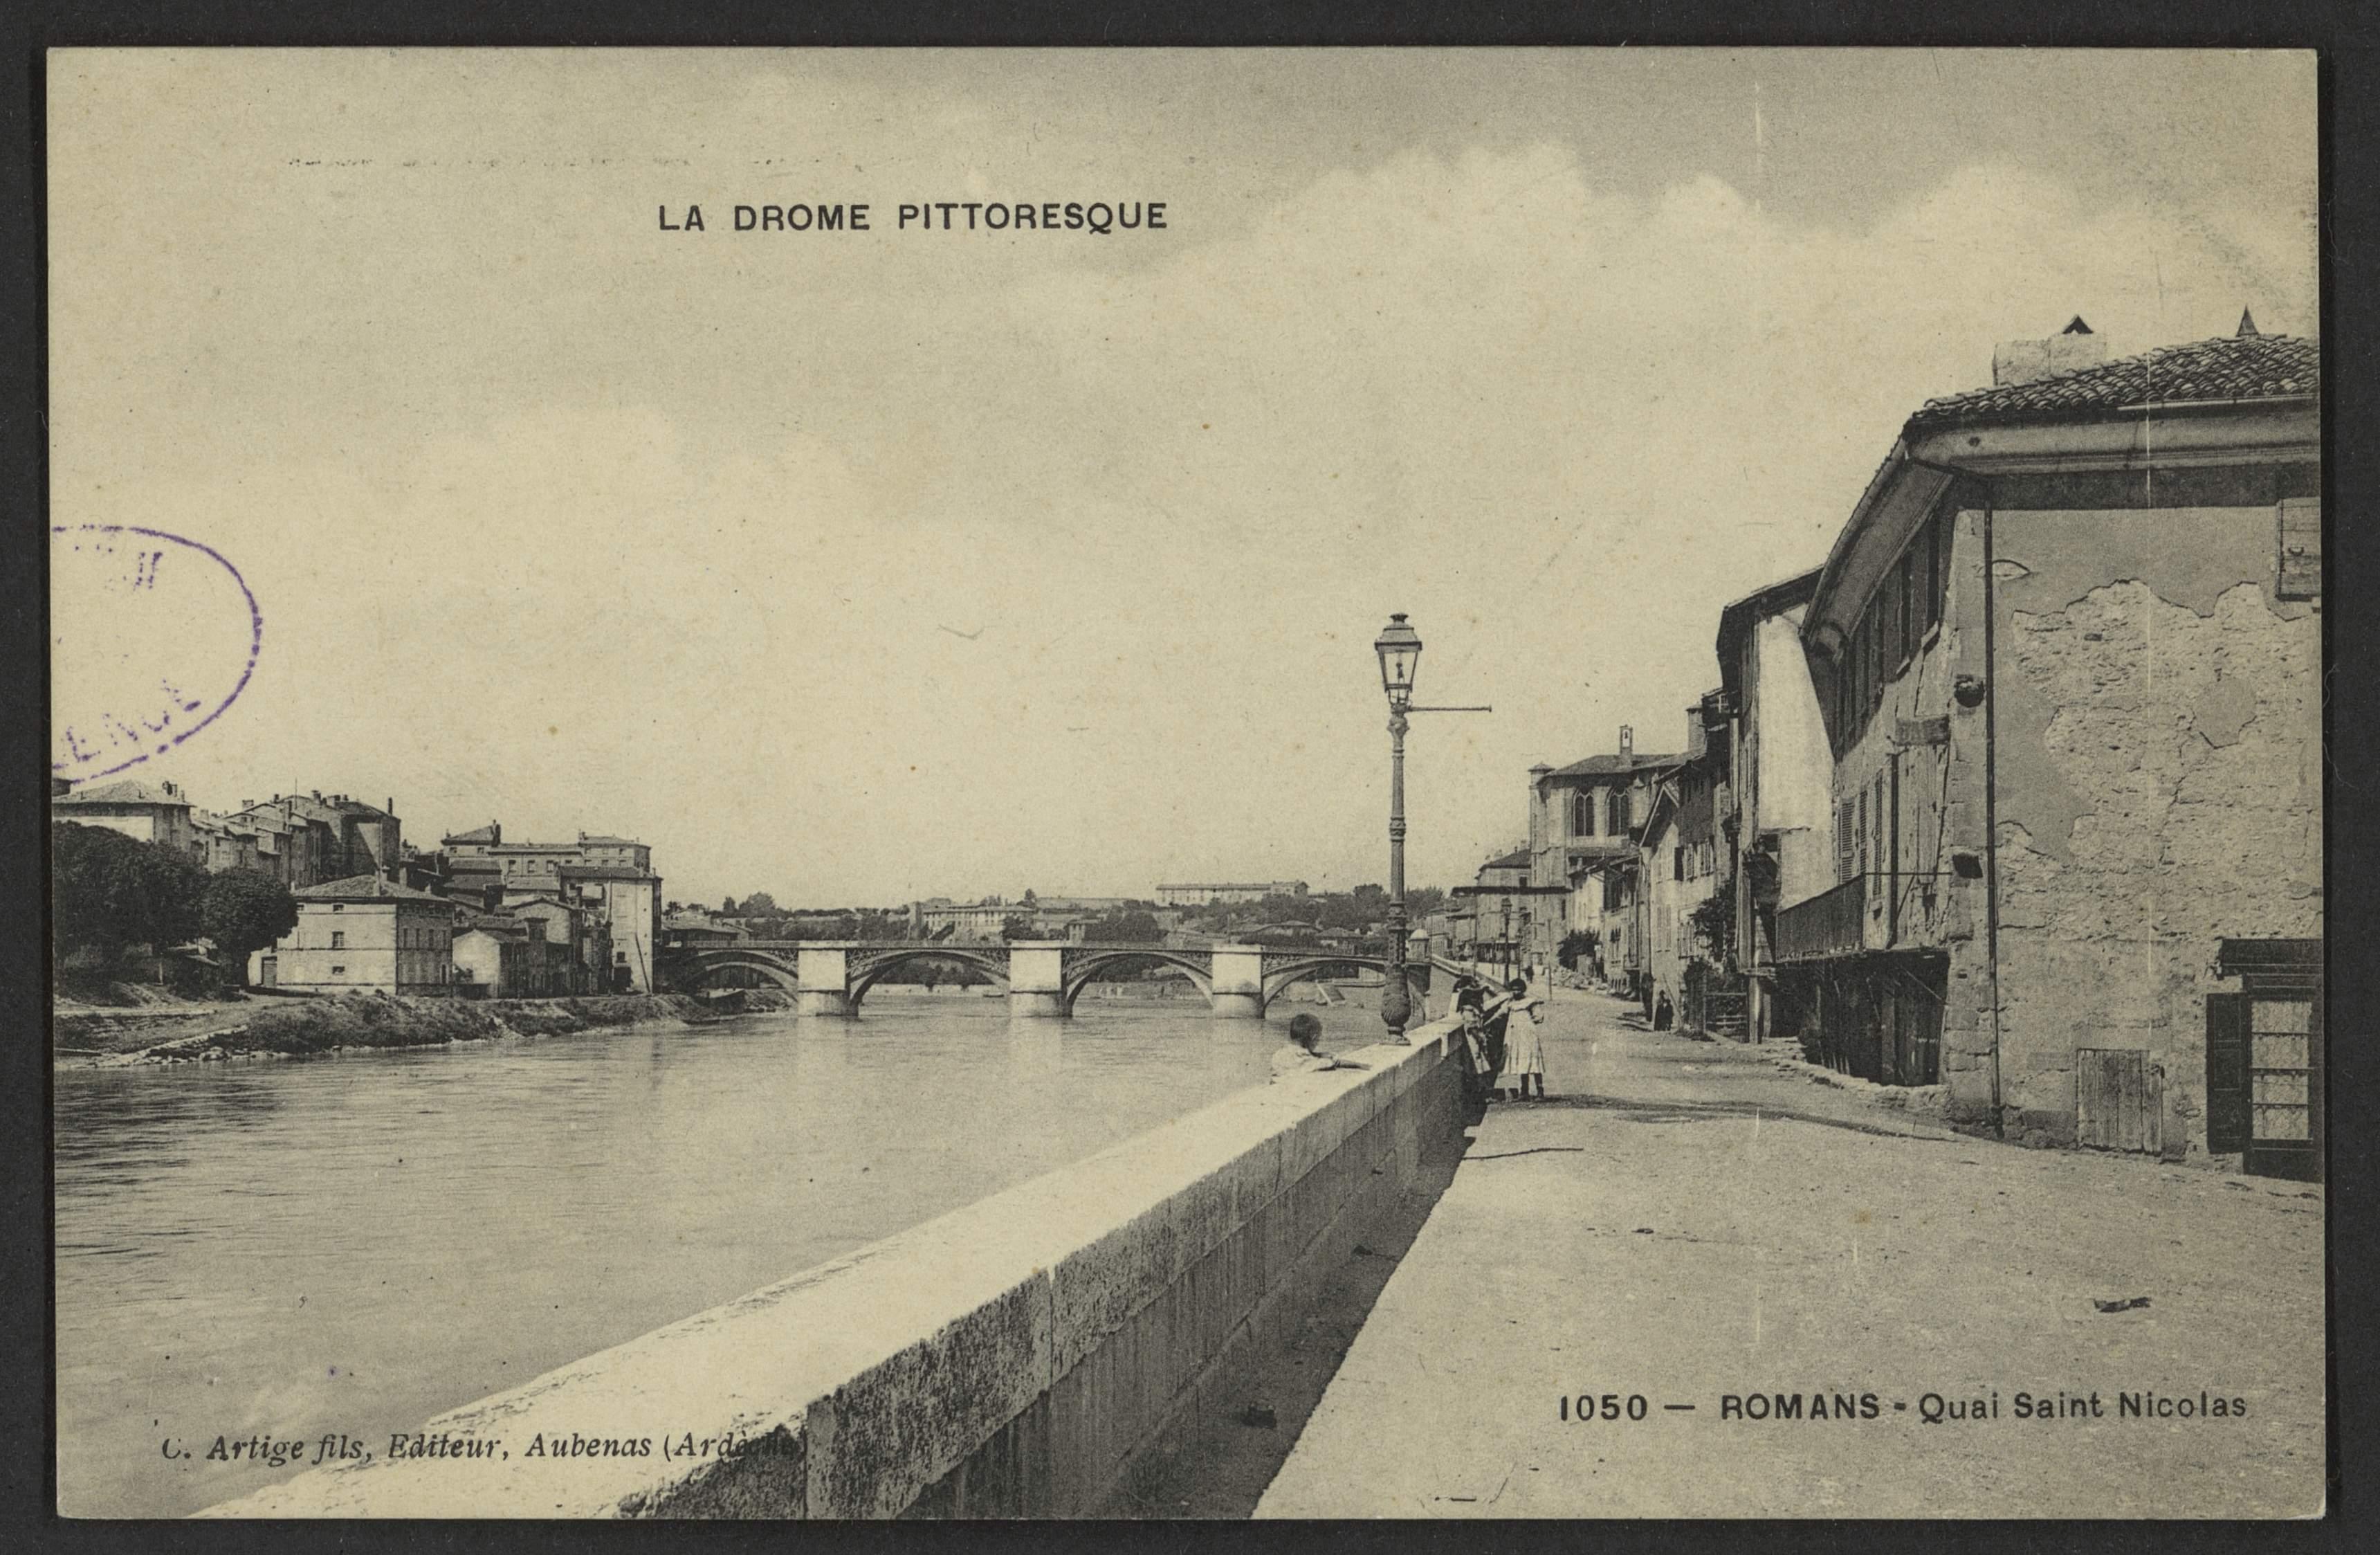 Romans - Quai Saint Nicolas